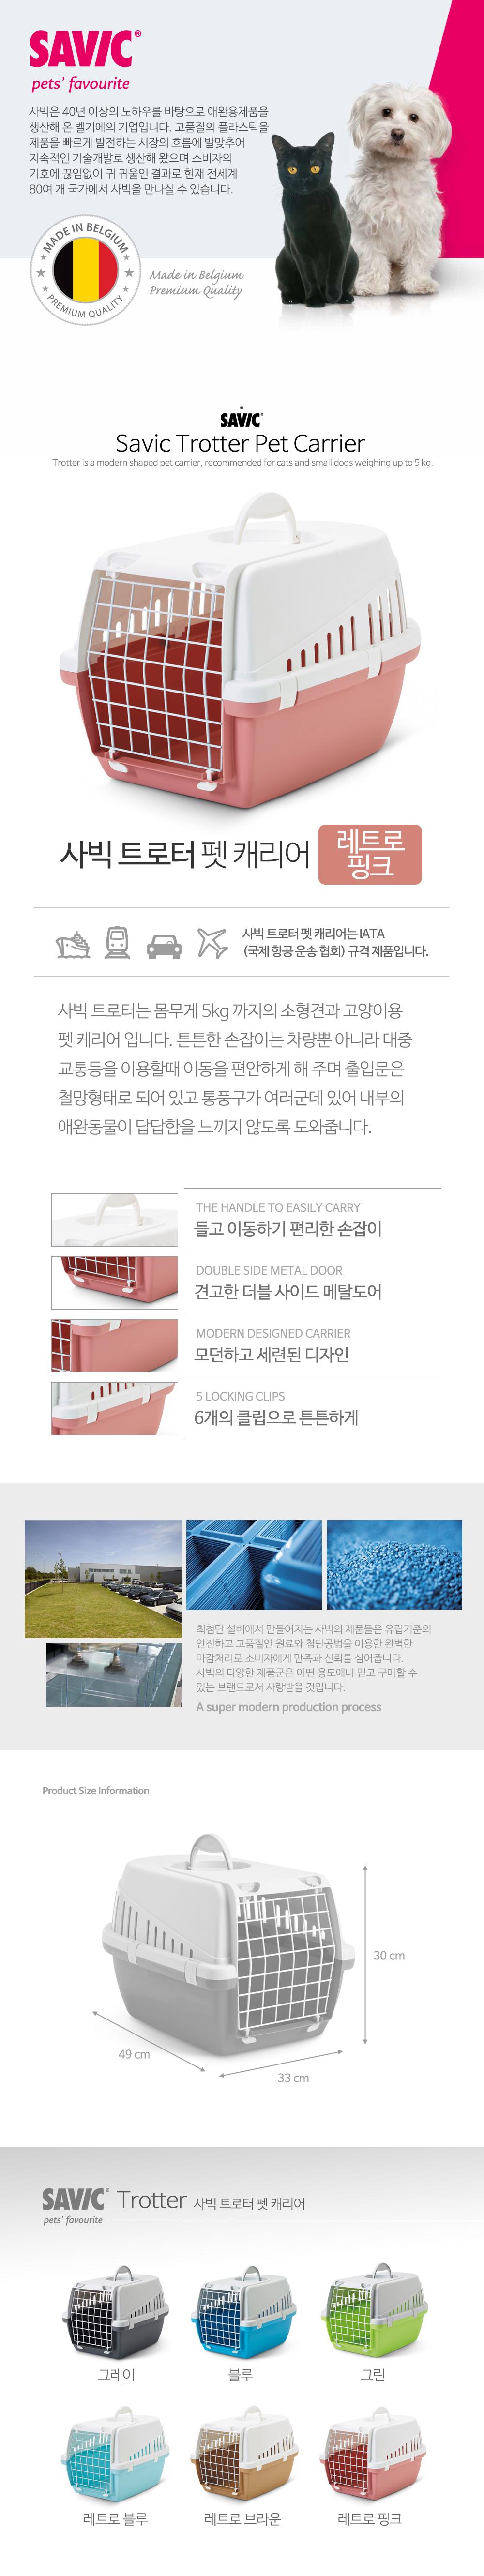 사빅 트로터 이동장 레트로핑크 - 스토어봄, 17,100원, 이동장/리드줄/야외용품, 이동가방